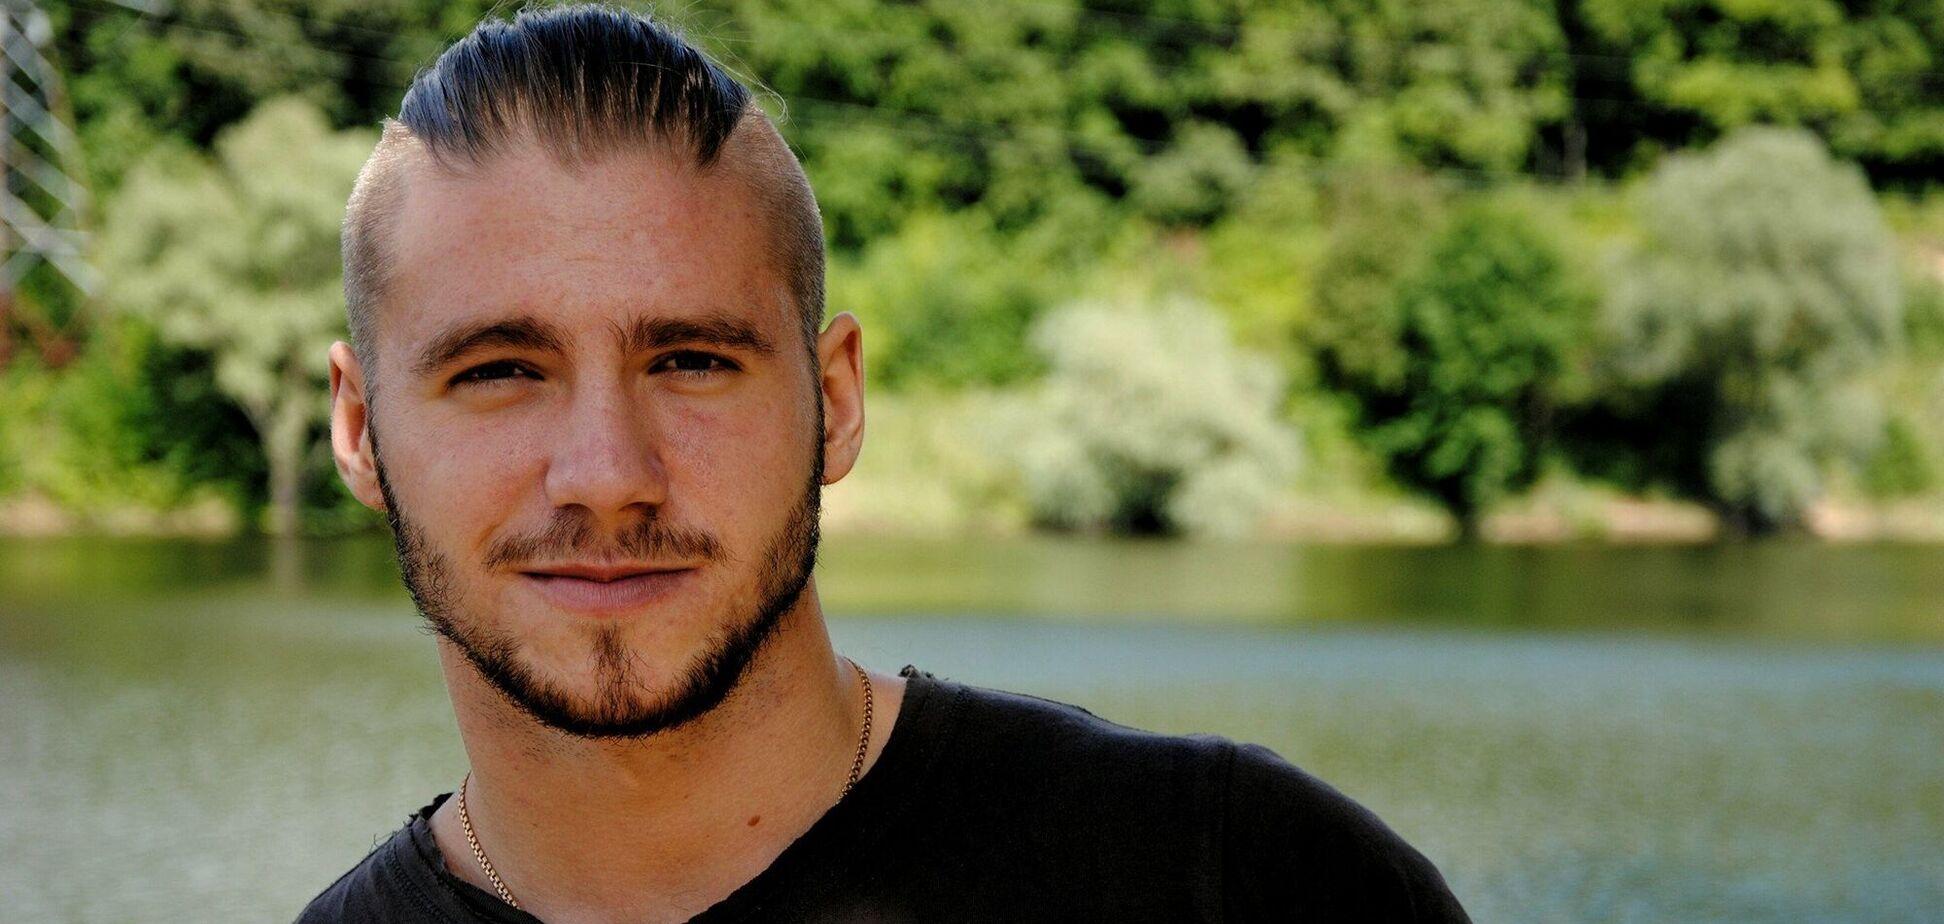 Валерий Ананьев рассказал о проблеме суицидов после войны